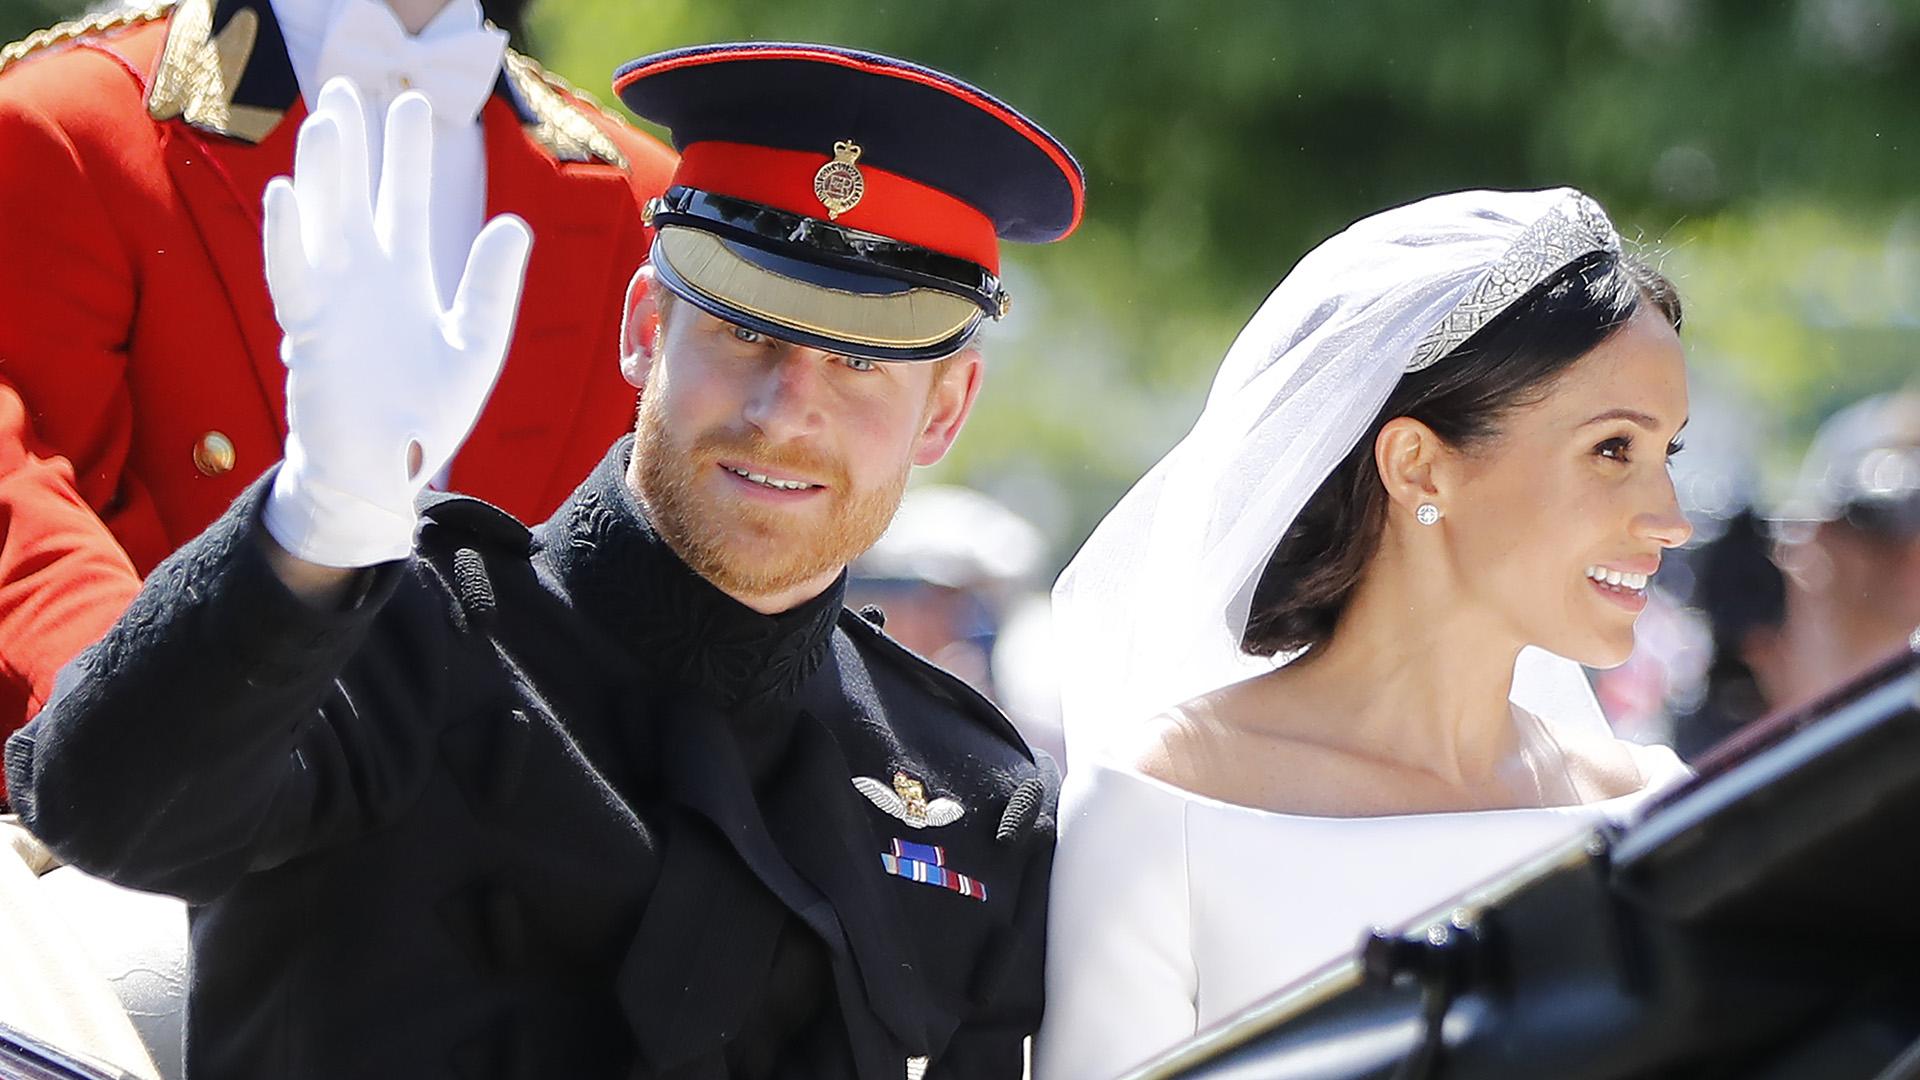 Finalizada la ceremonia, los duques recorrieron las calles de Windsor, en un carruaje Ascot Laundau tirado por cuatro caballos blancos (AFP)